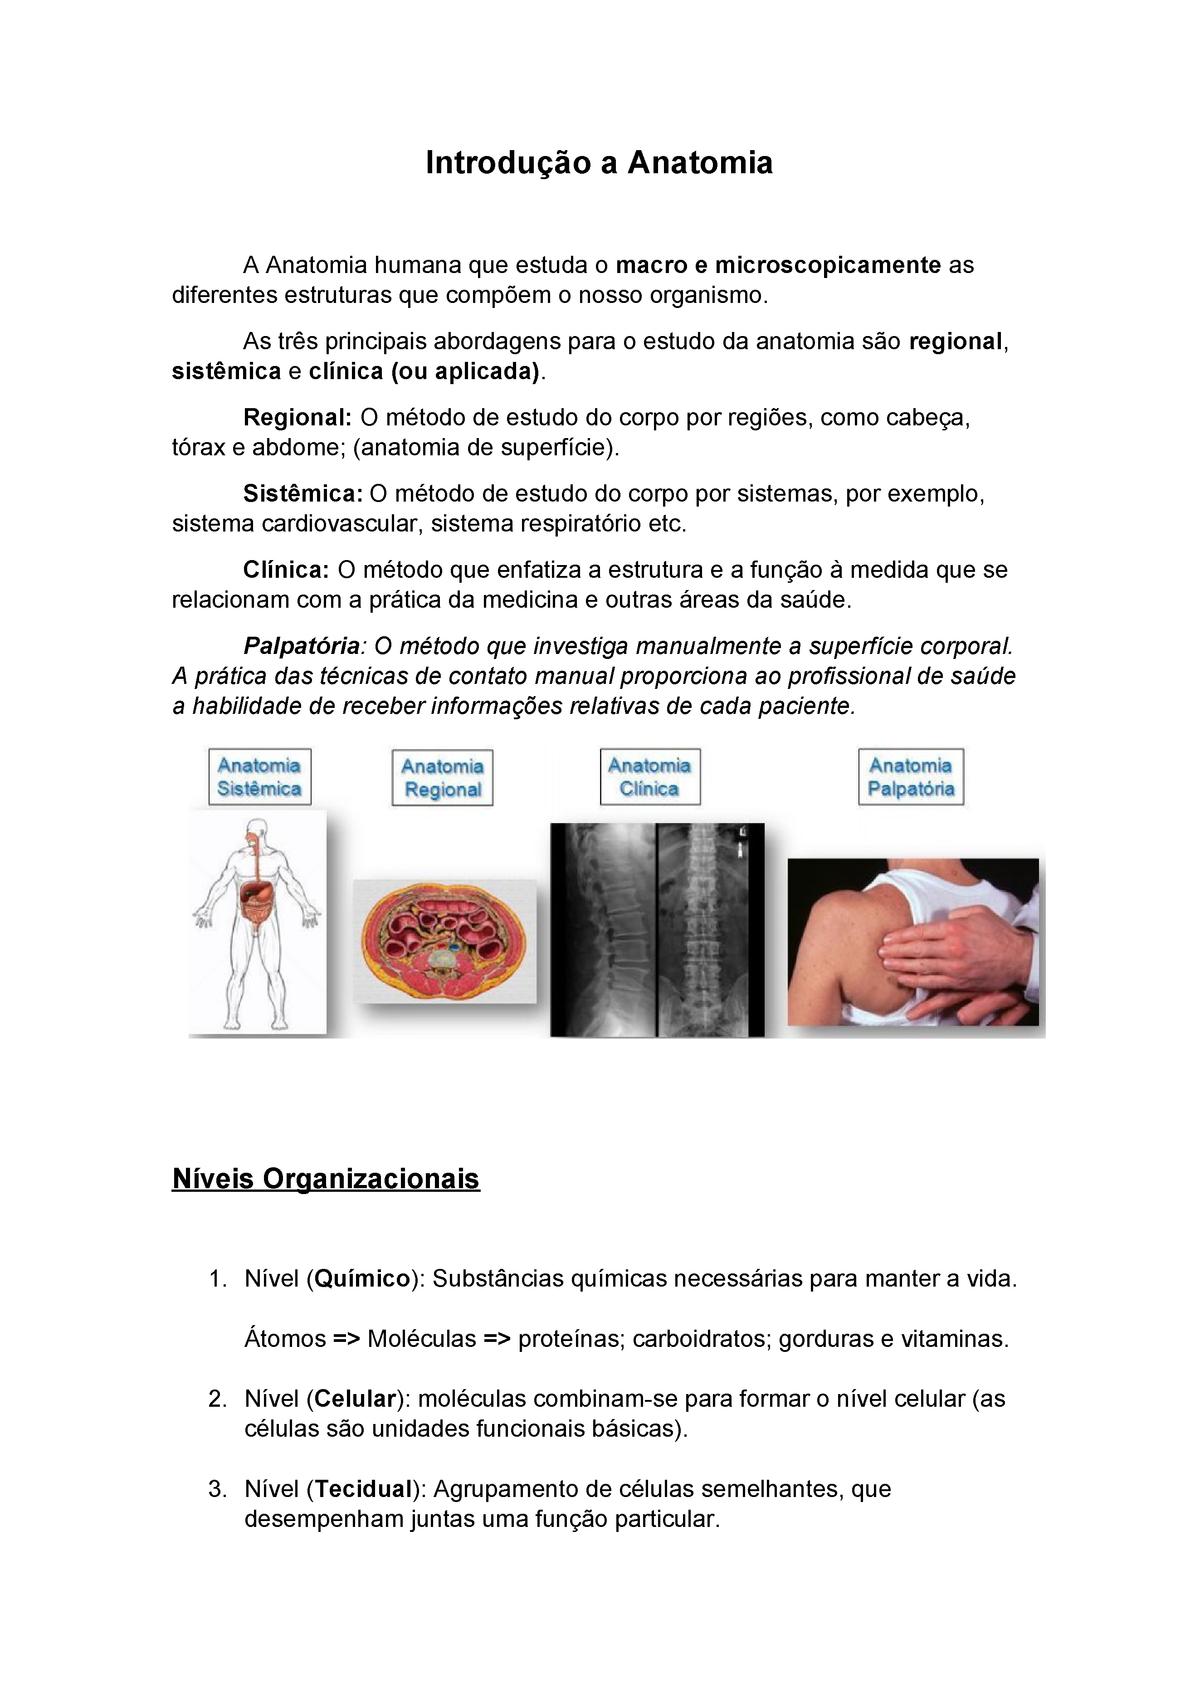 Introducao A Anatomia Grd6987 Estácio Studocu